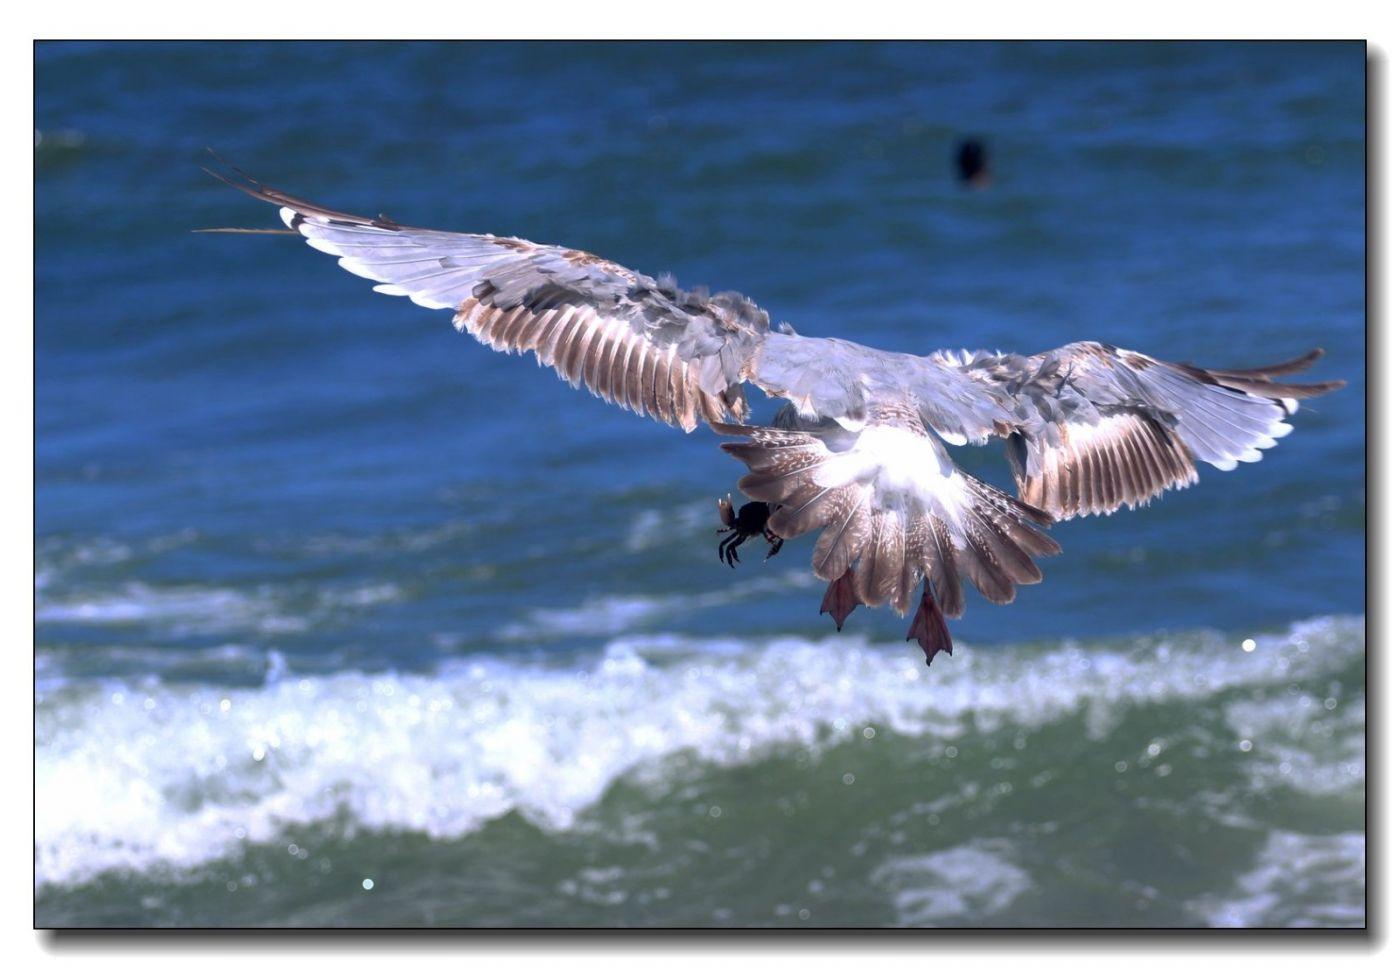 洛克威海滩拍鸟-银鸥_图1-5